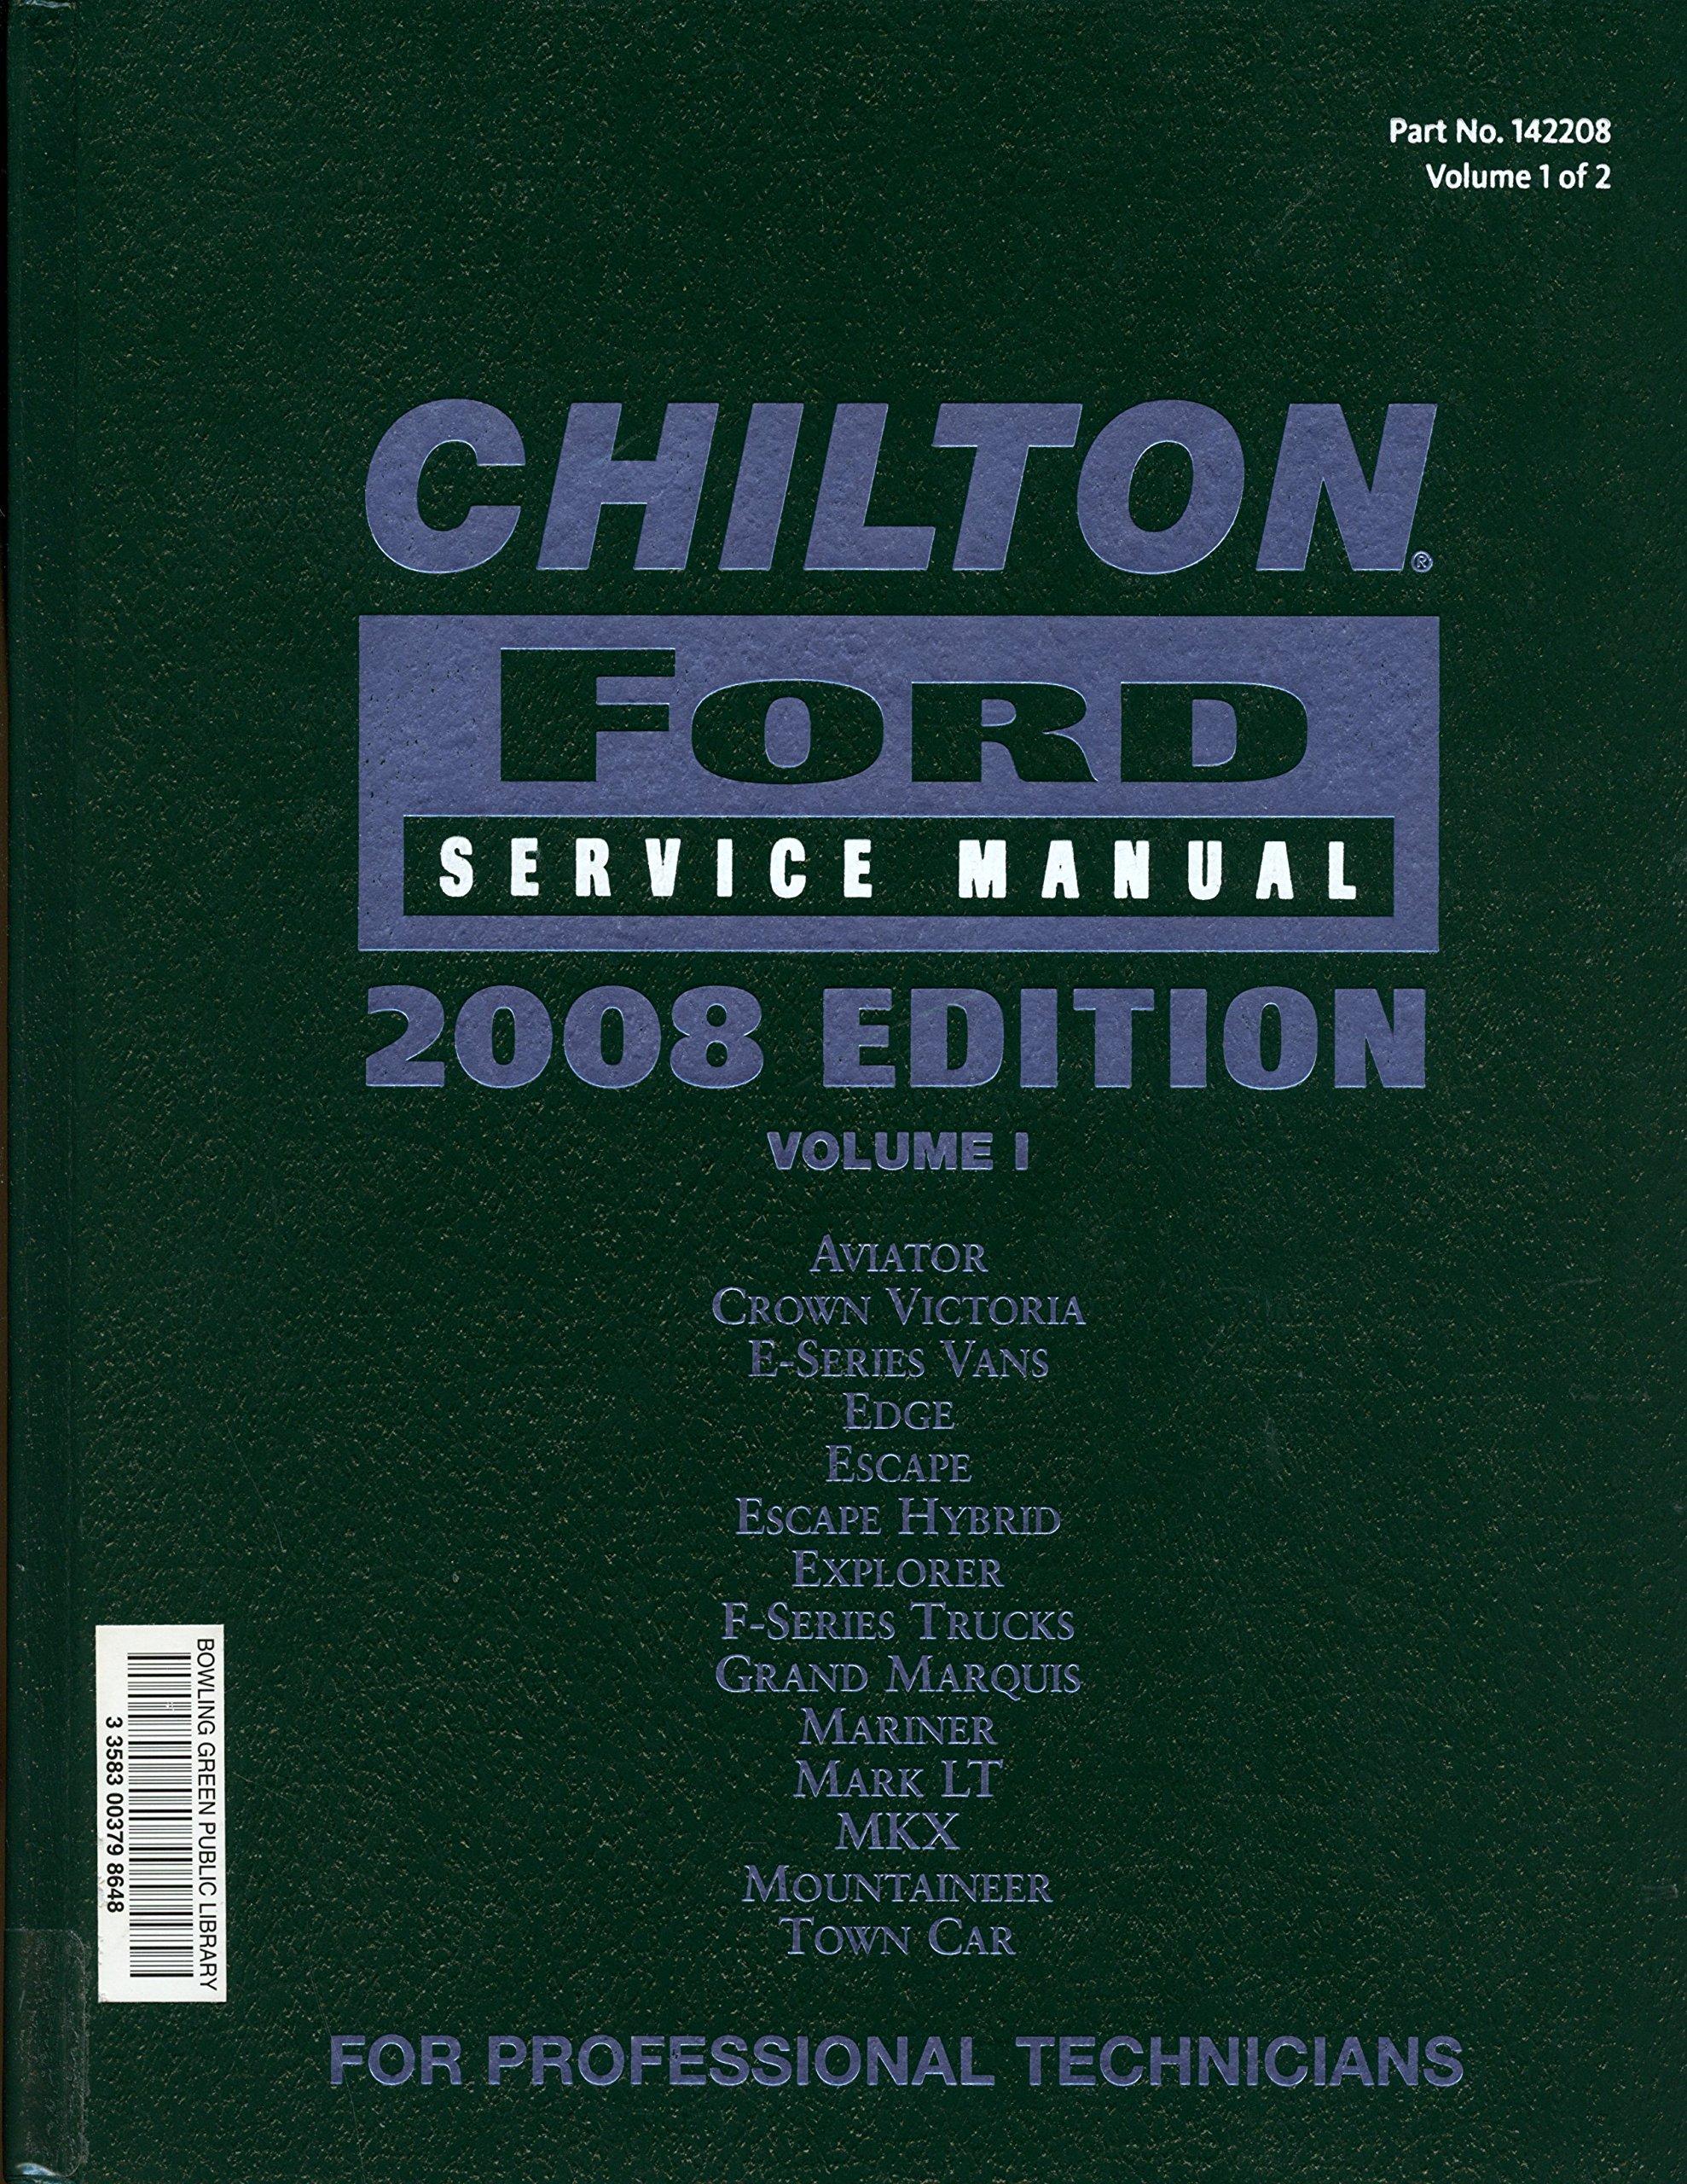 Chilton Ford Service Manual, Vol. 1: Unknown: 9781428322097: Amazon.com:  Books